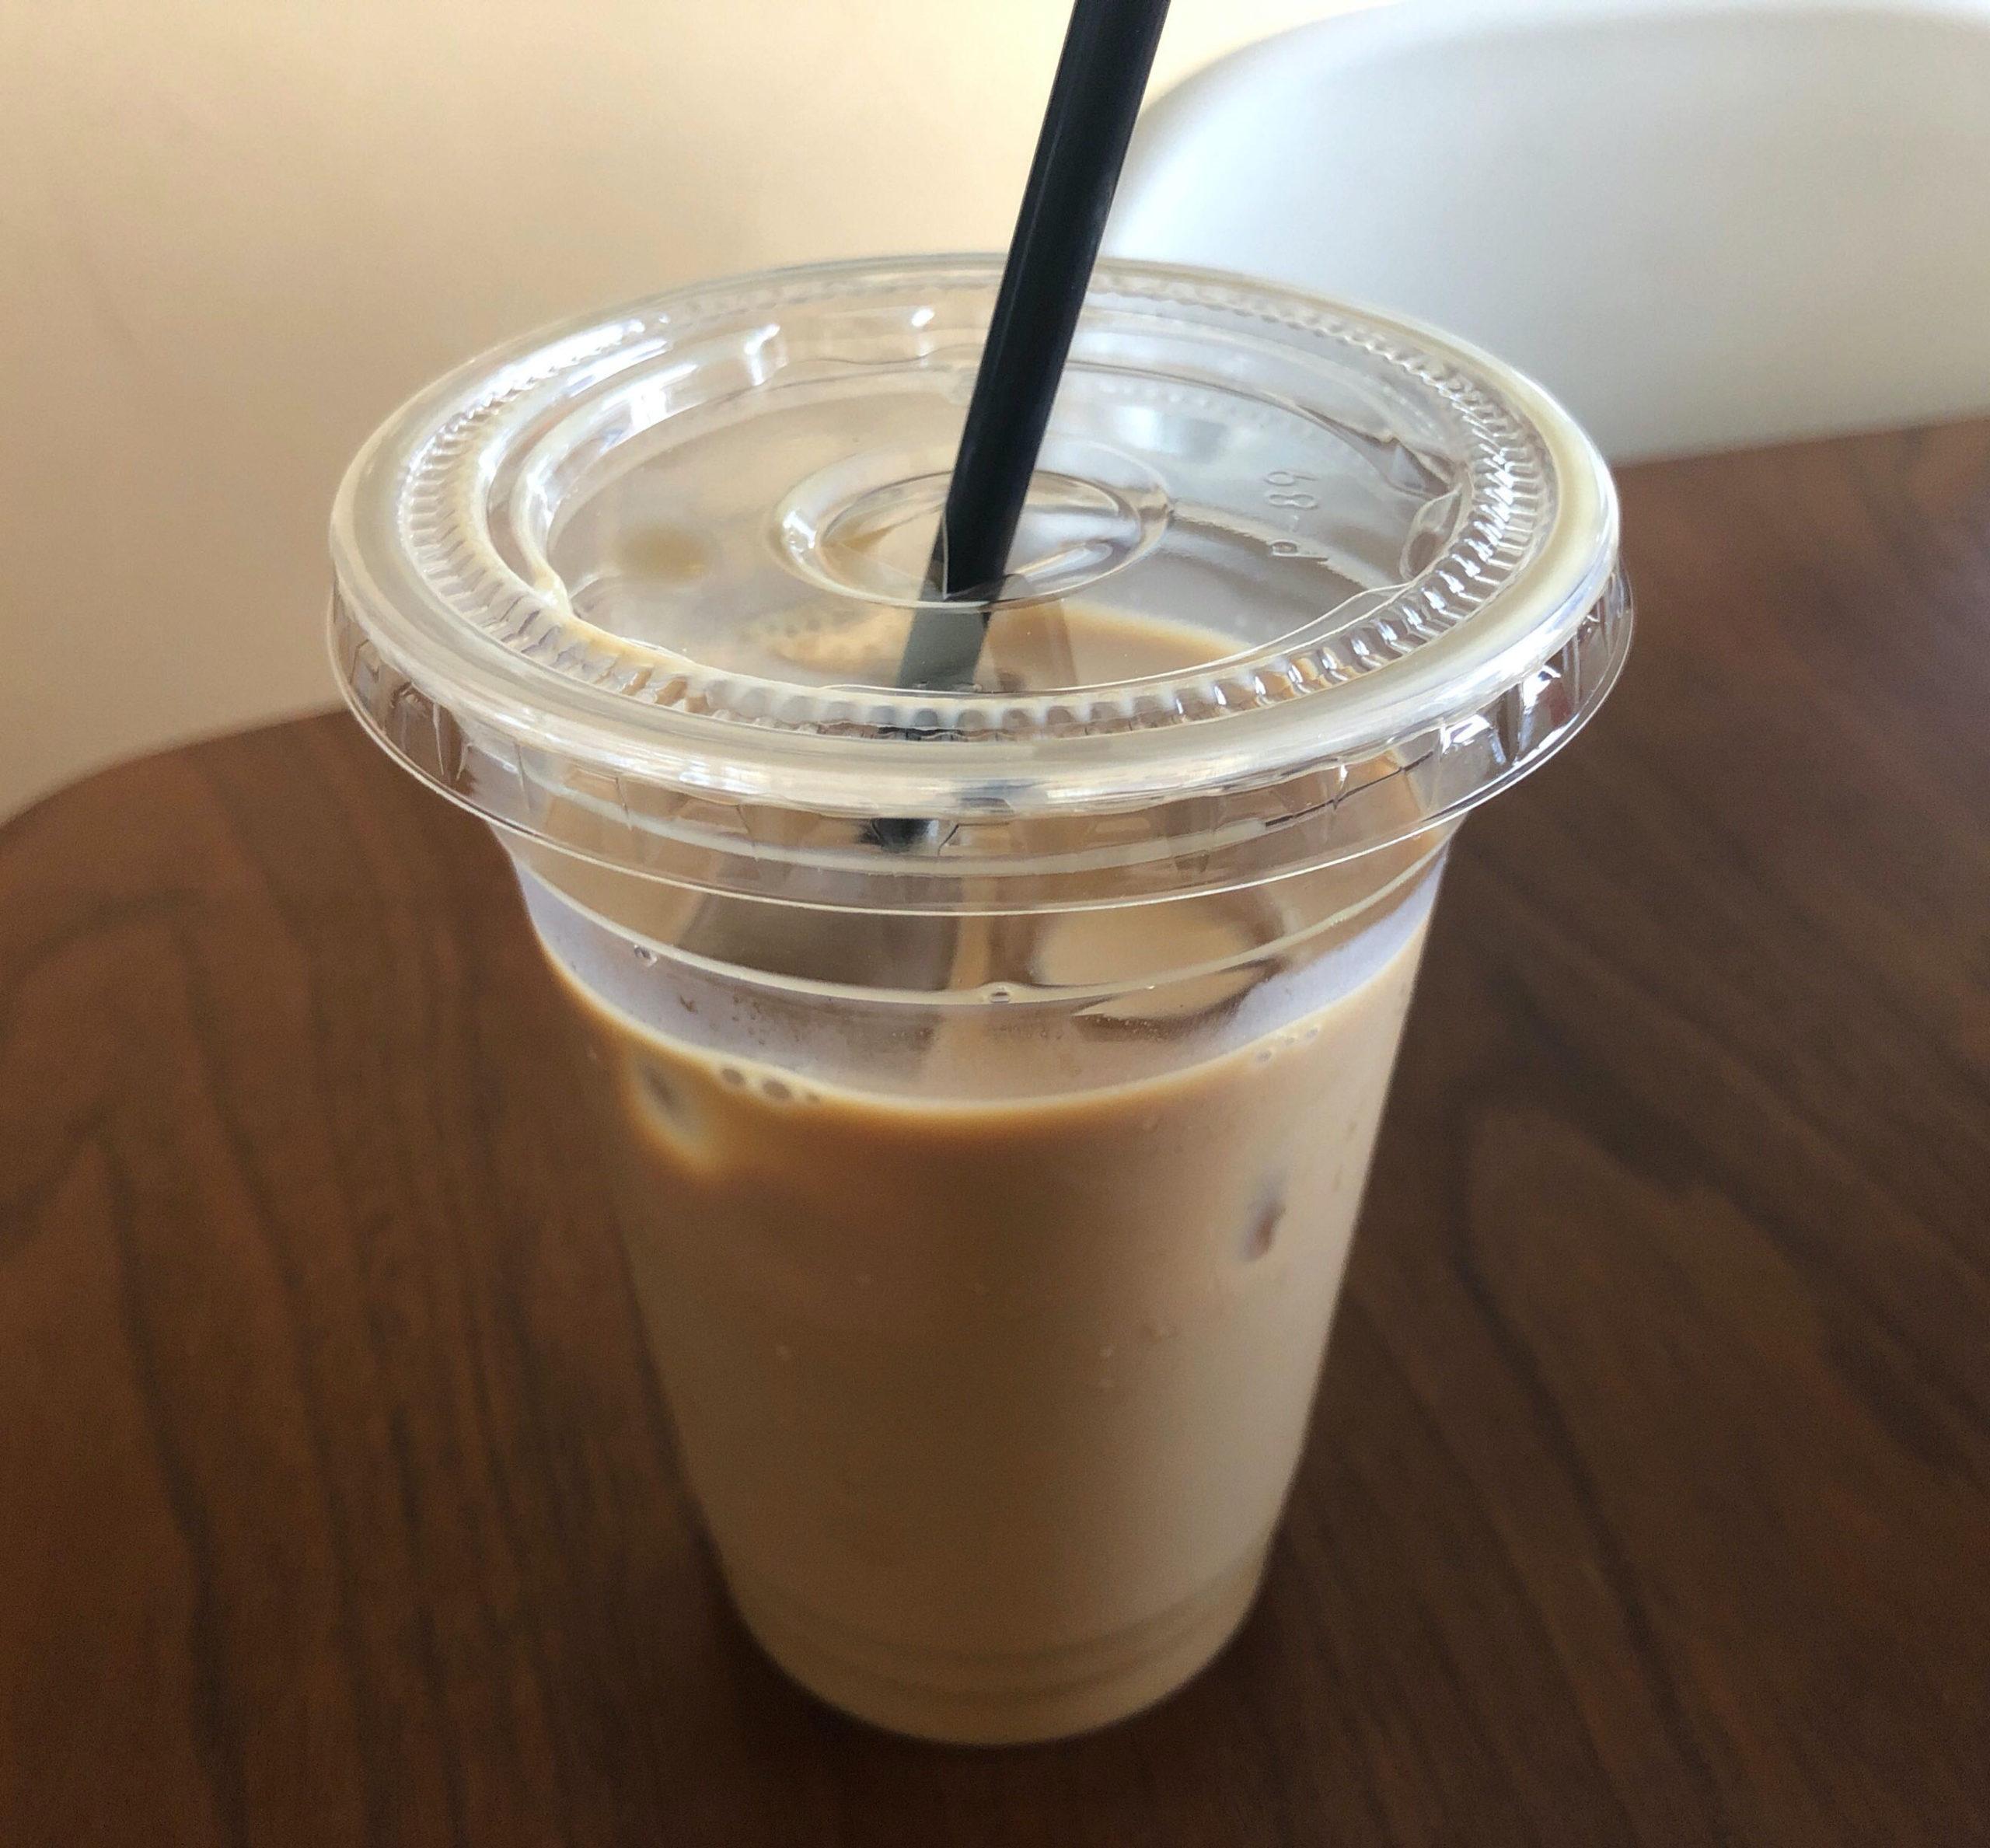 madalena cafeのカフェラテ